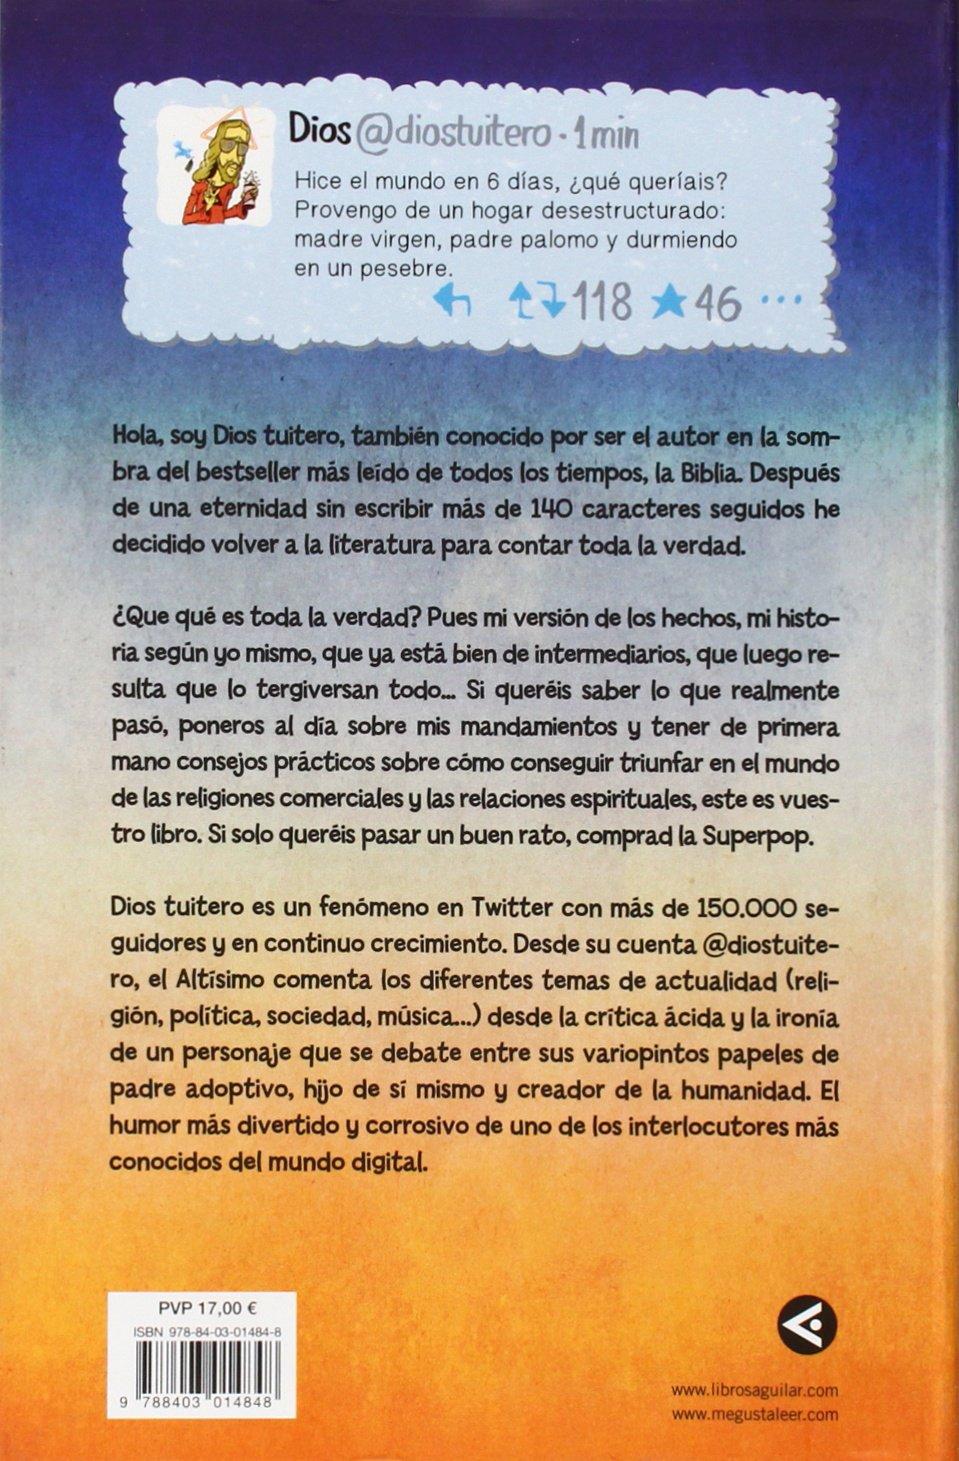 Amazonfr Palabra De Dios Tuitero Dios Tuitero Livres